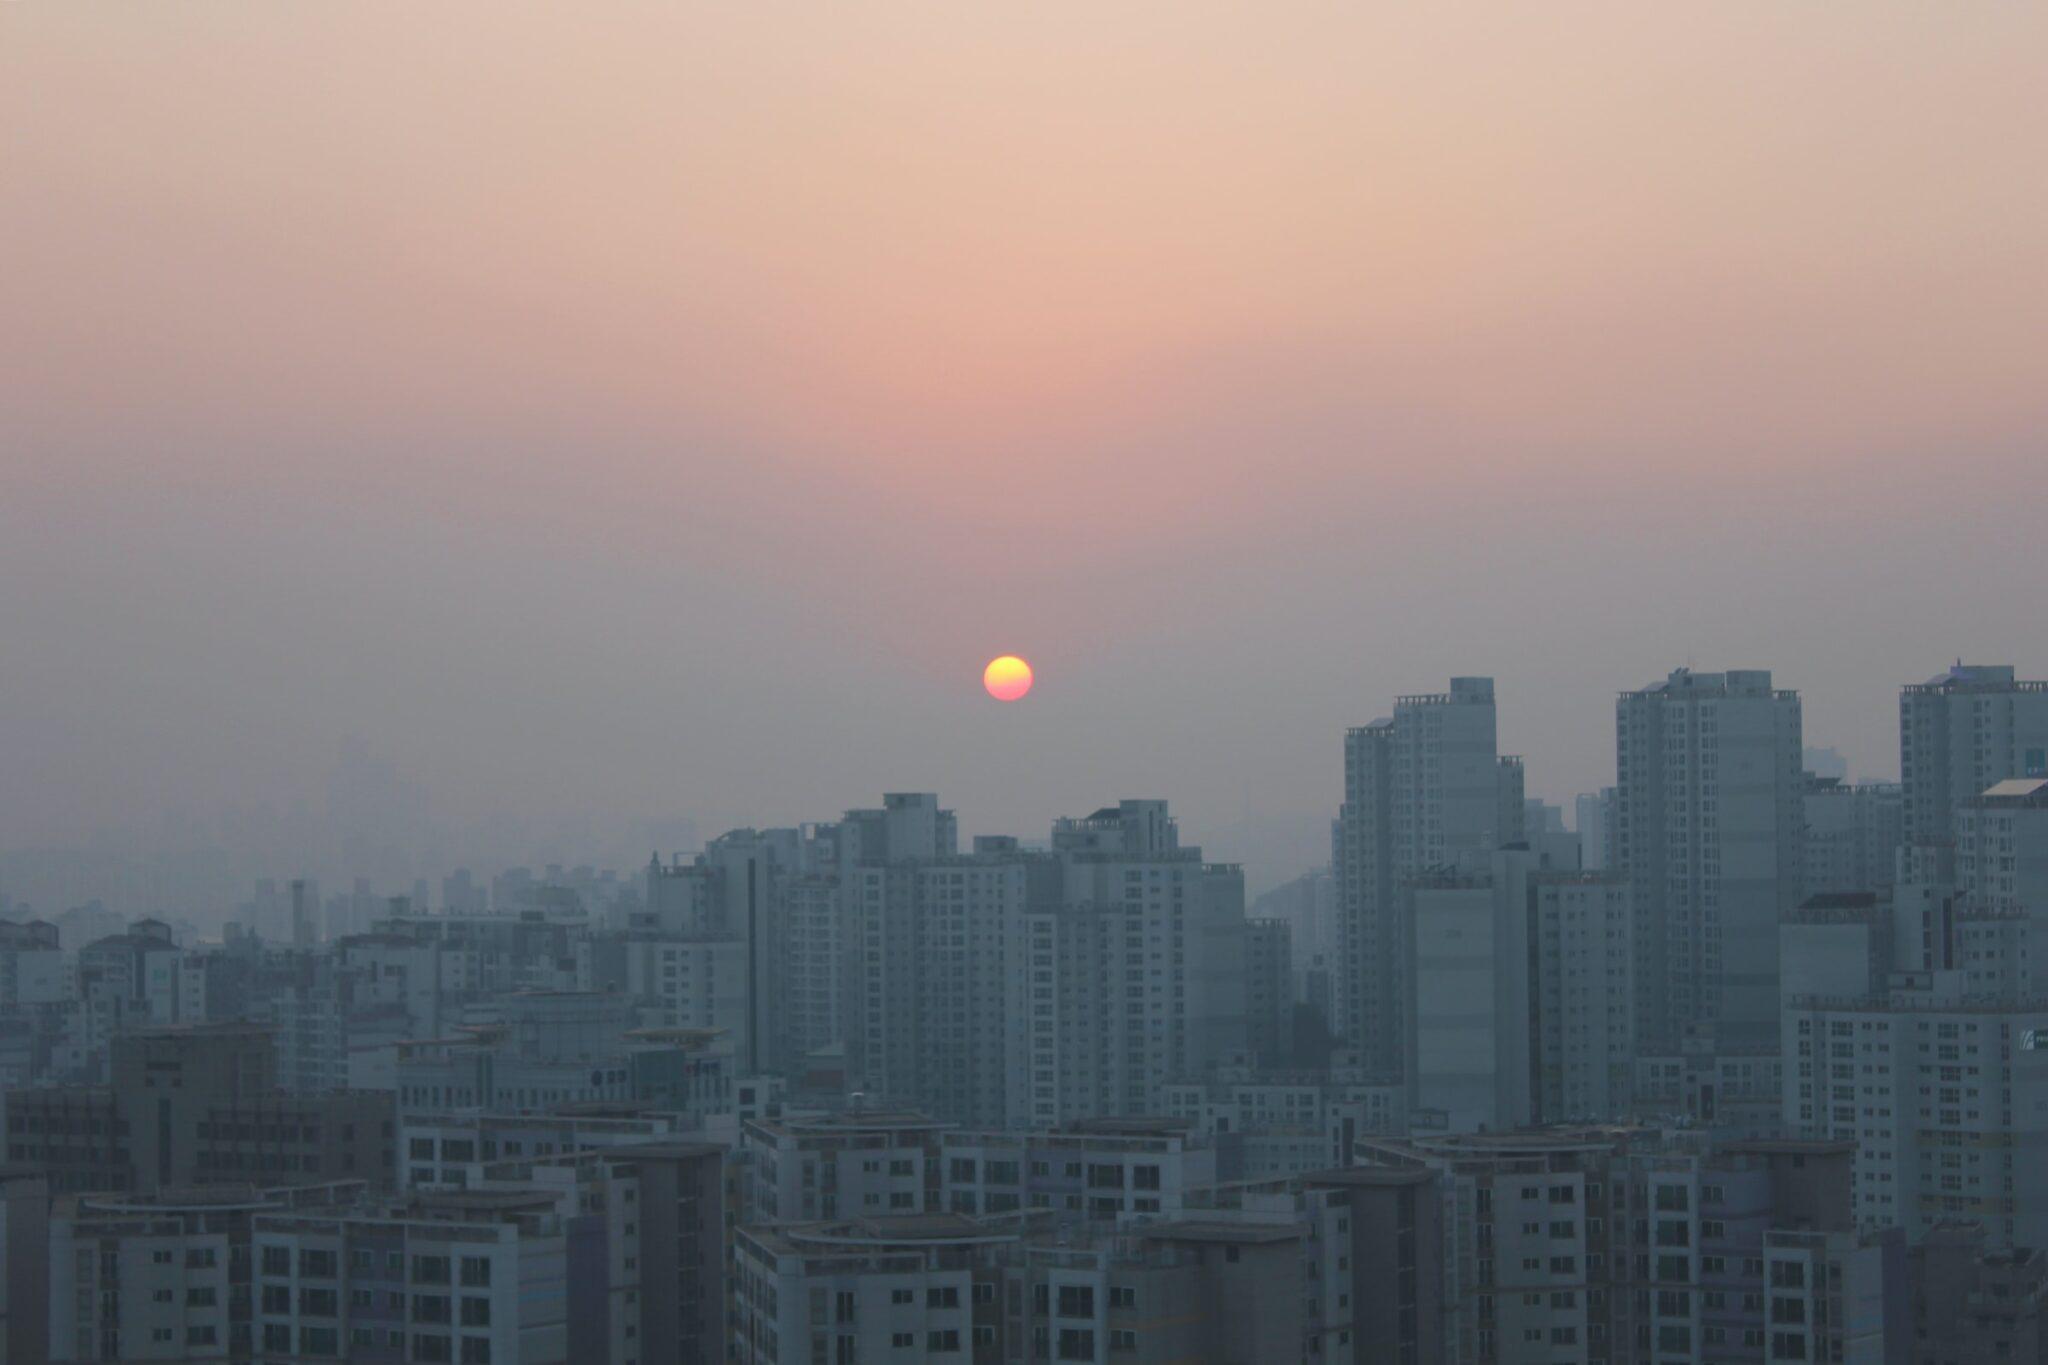 Seoul im Smog und Sonnenaufgang oder Sonnenuntergang